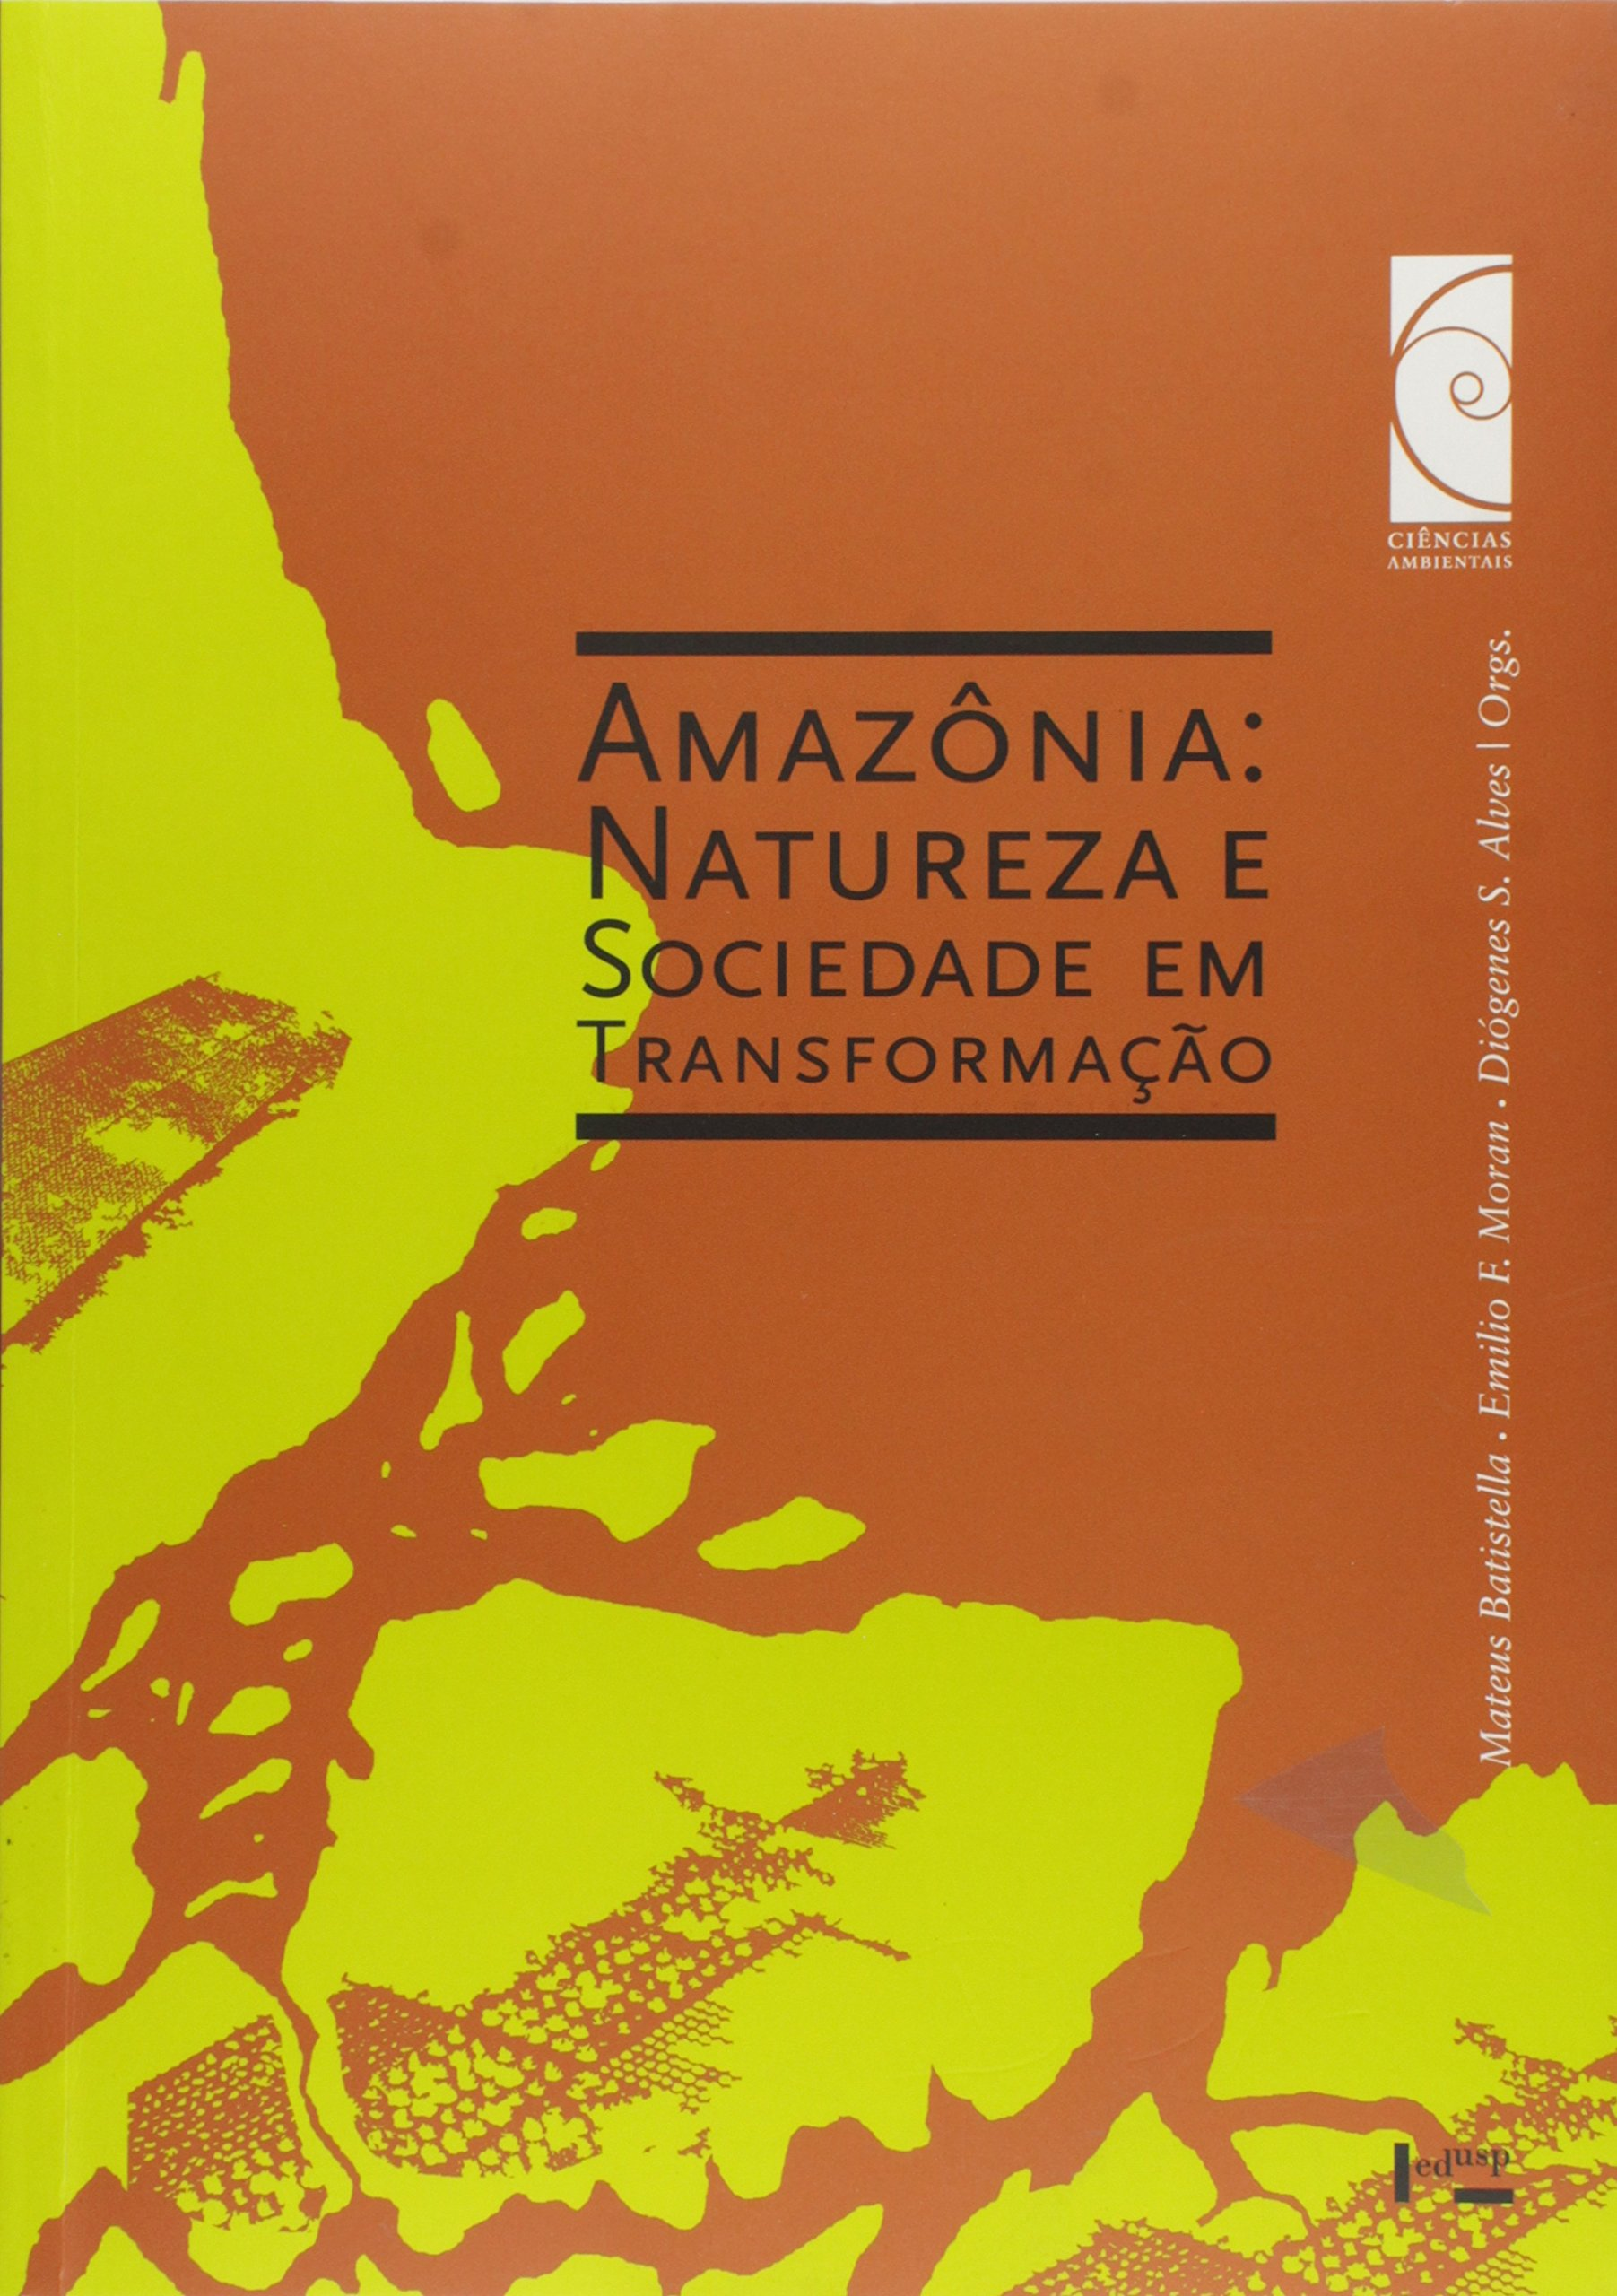 Amazonia: Natureza e Sociedade em Transformacao pdf epub